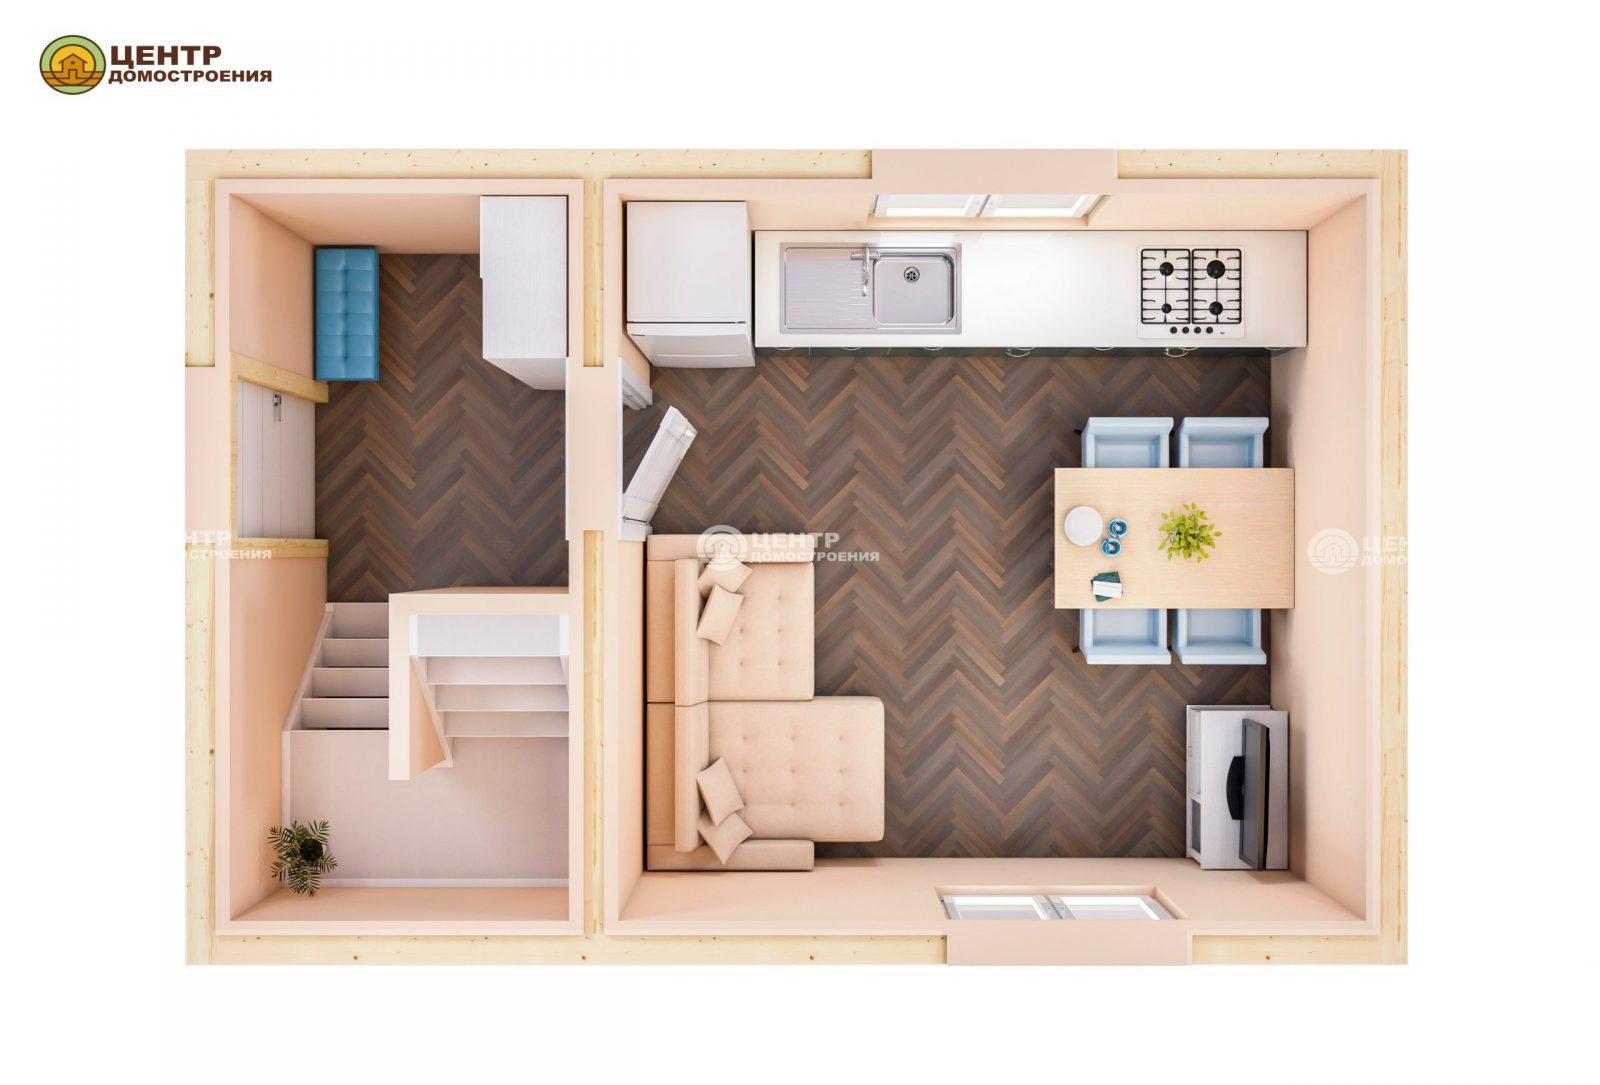 Проект дома 6 на 4